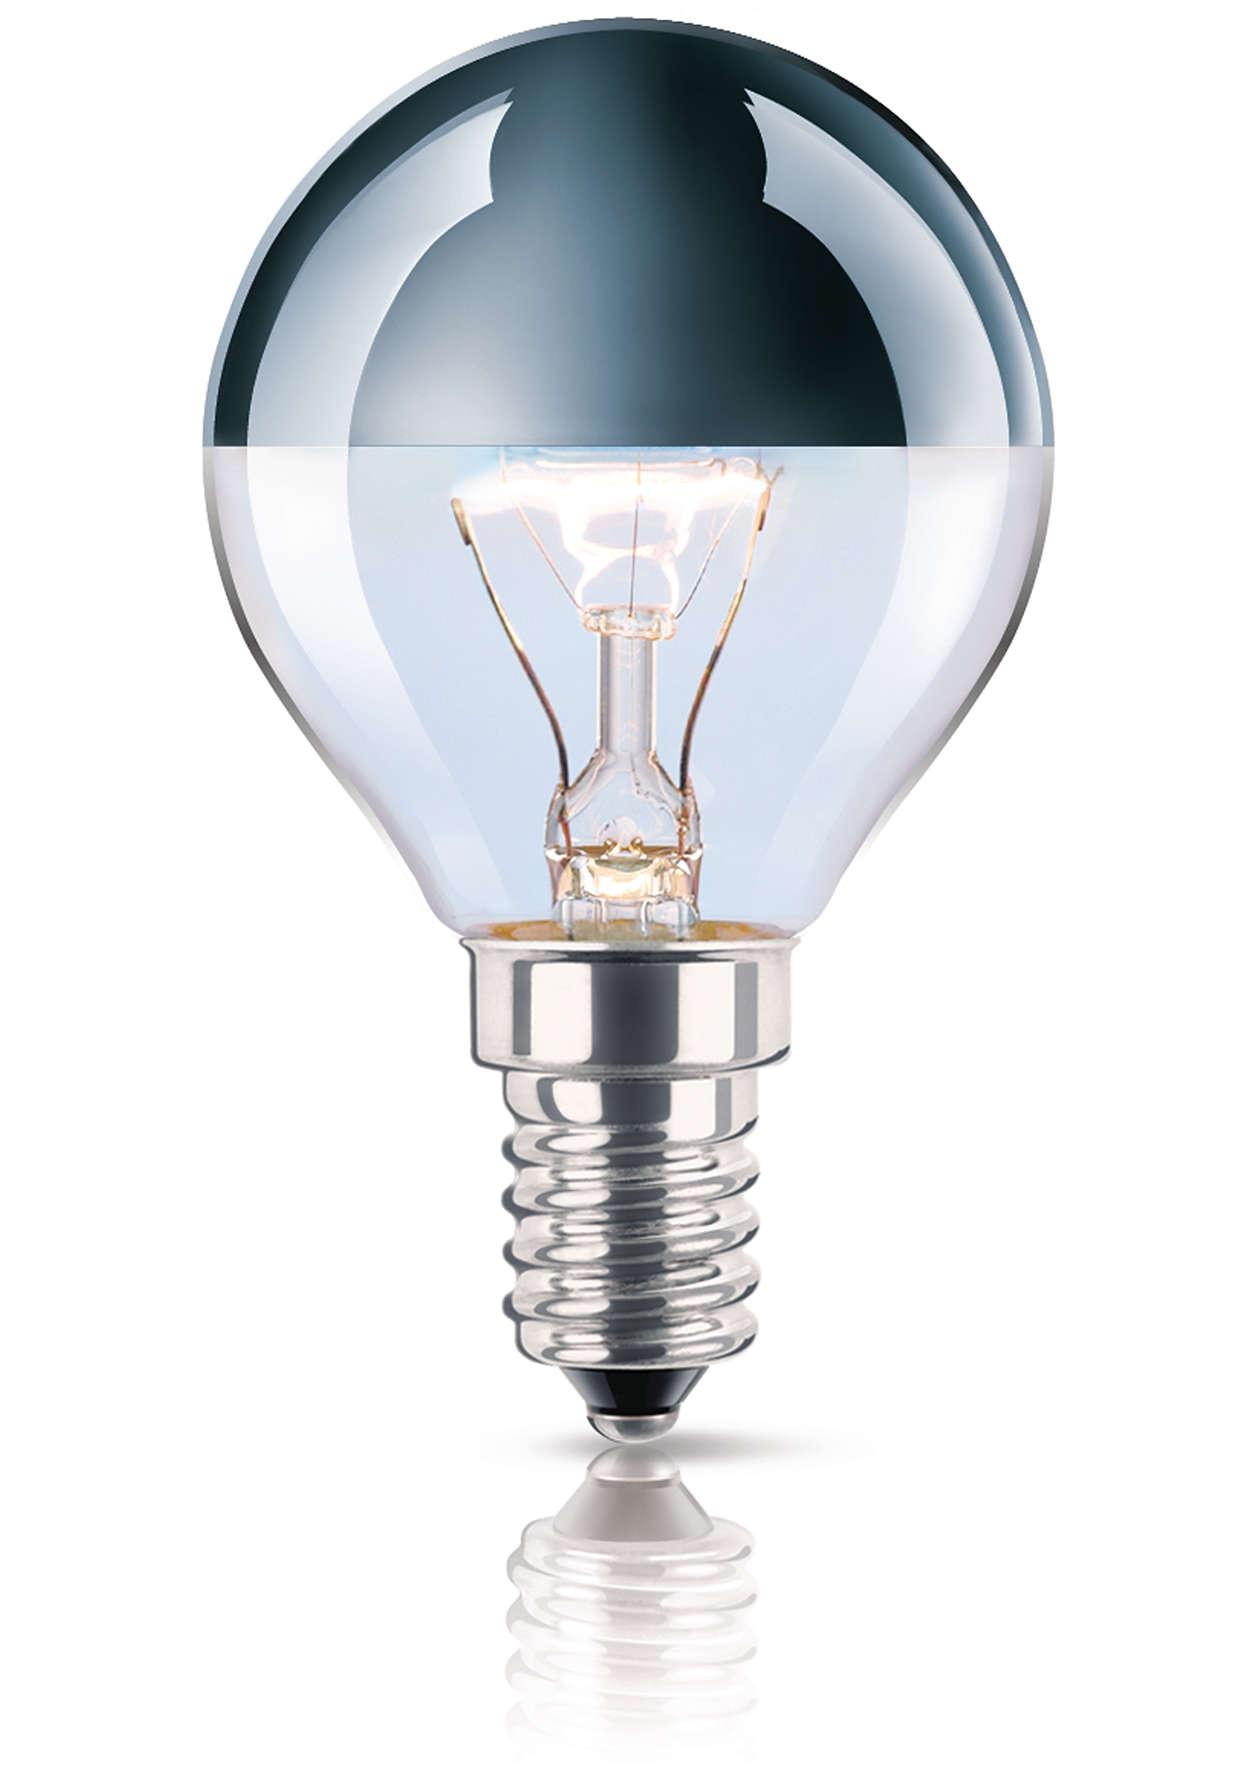 Lâmpada especial de luz indirecta